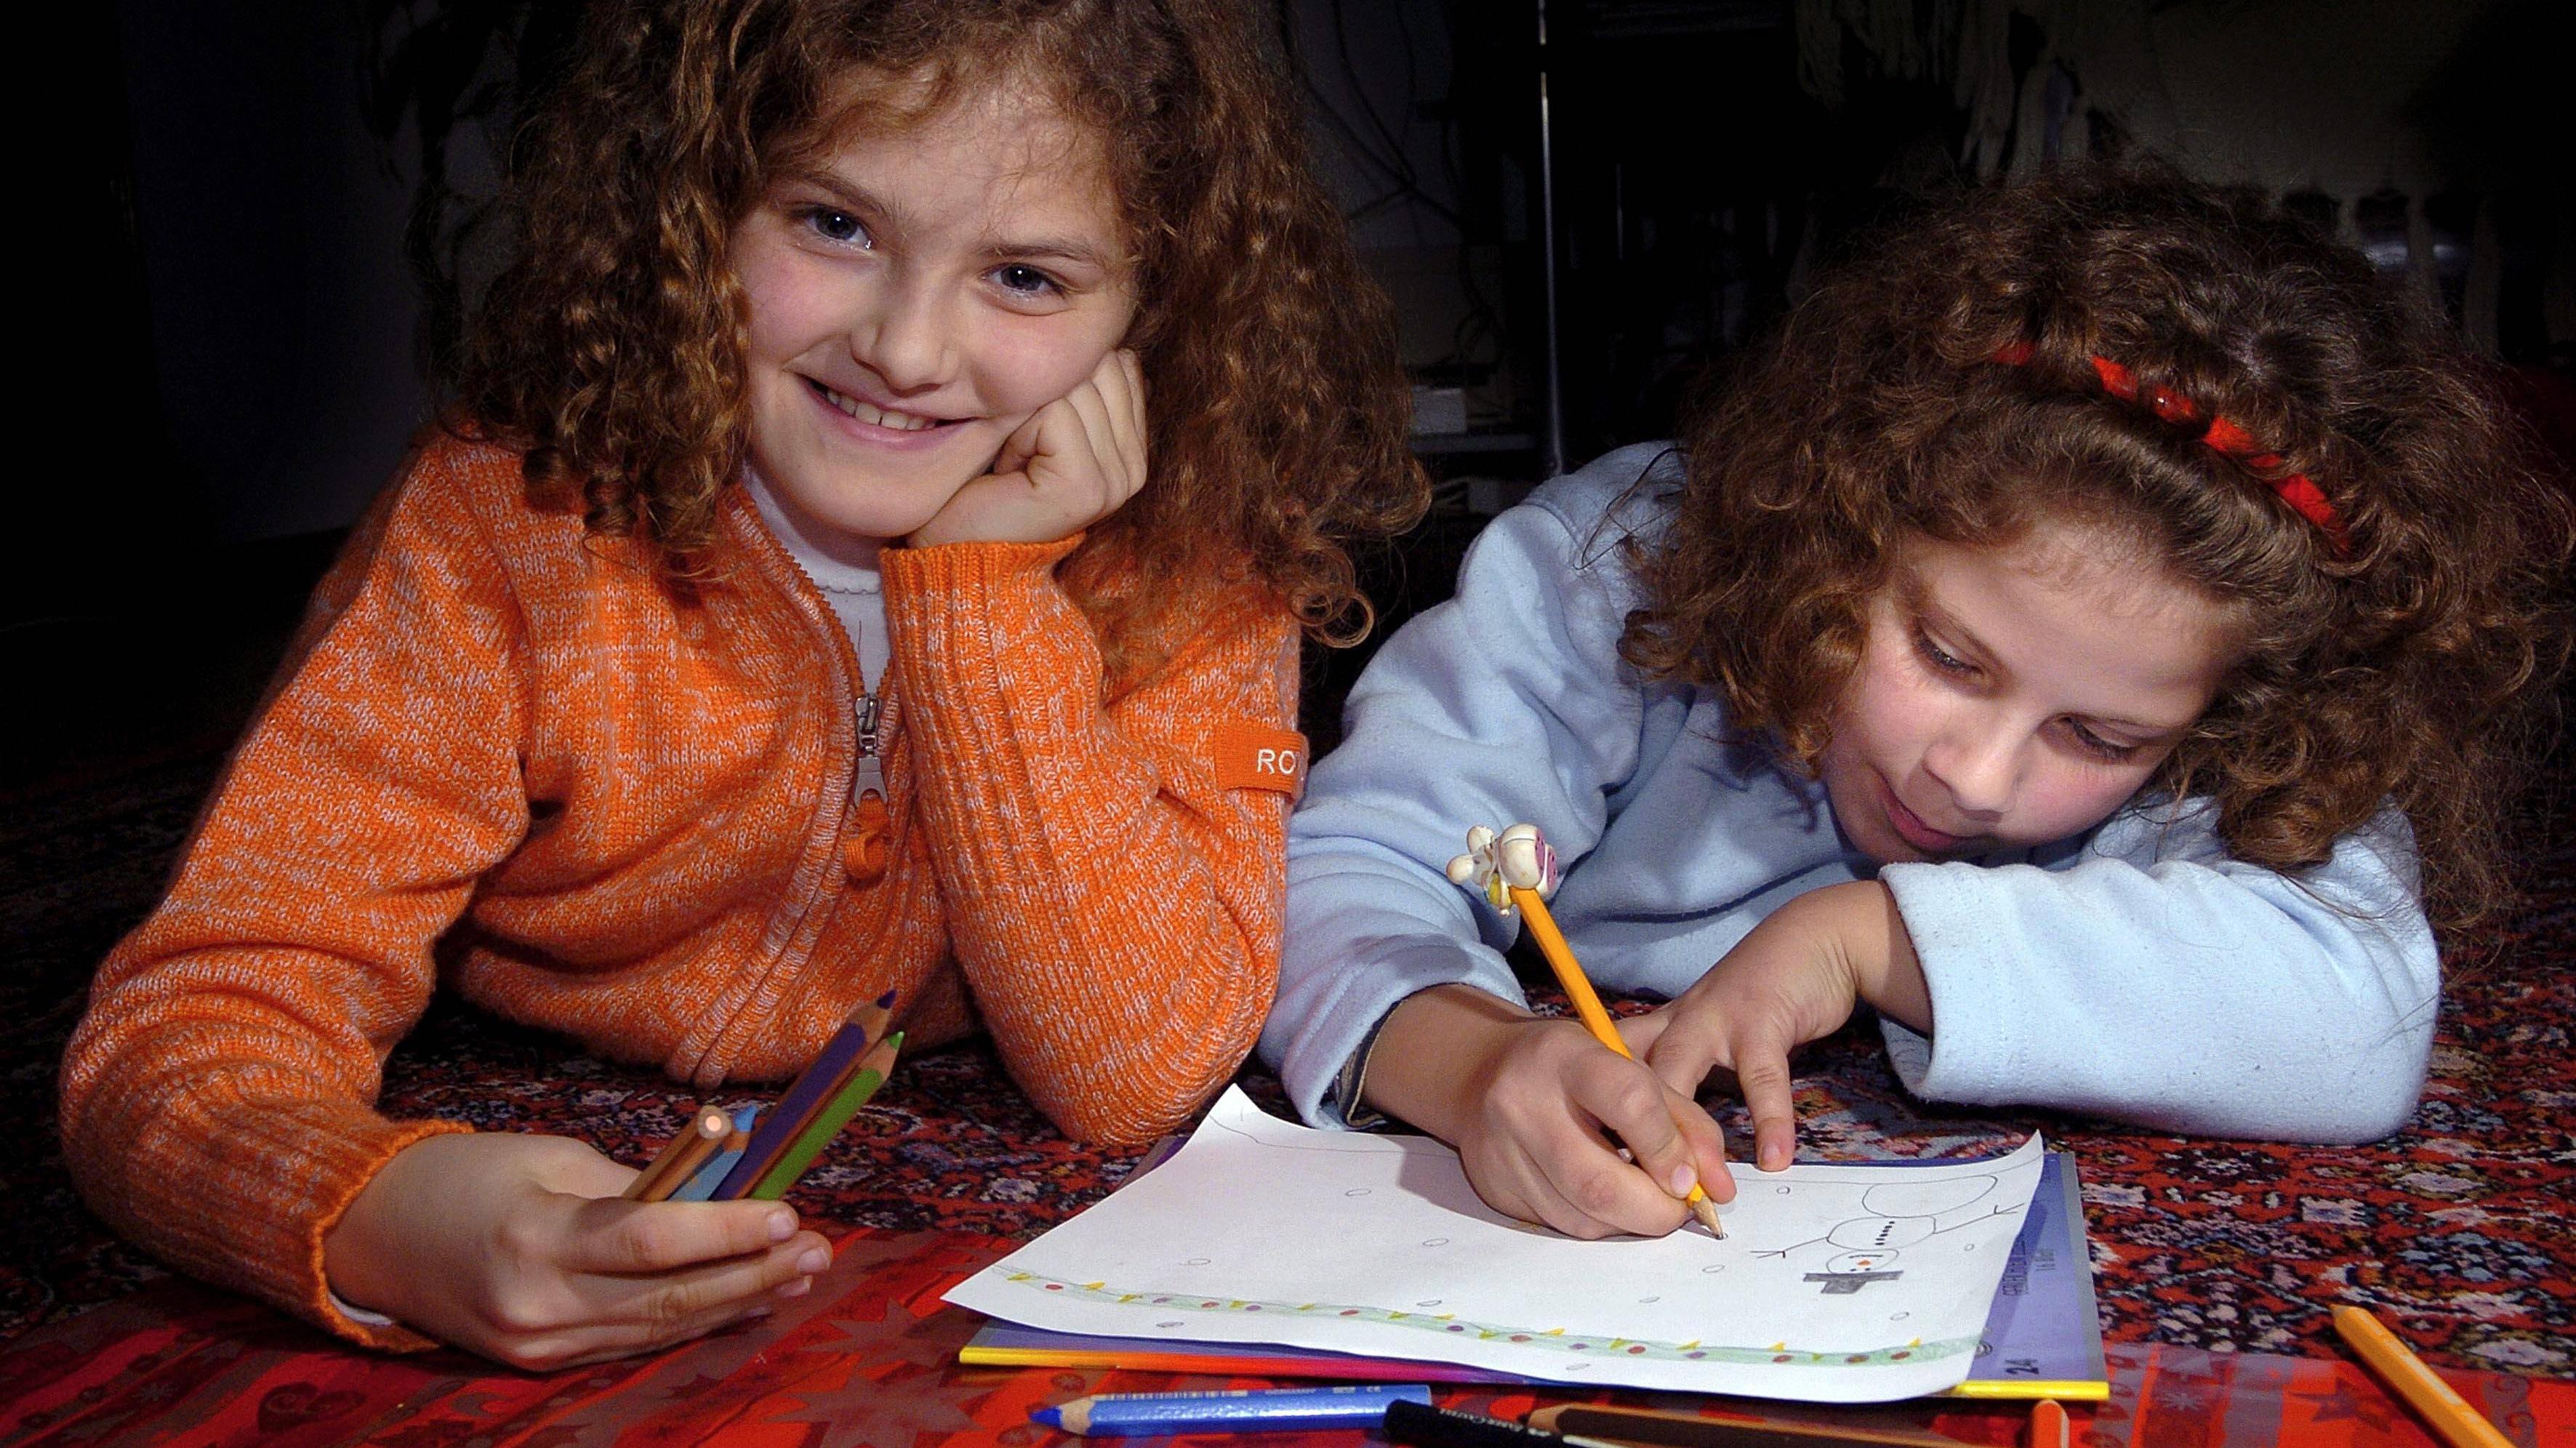 Weihnachtswünsche für die Erzieherin: Vertrauen Sie auf die Kreativität Ihrer Kinder.